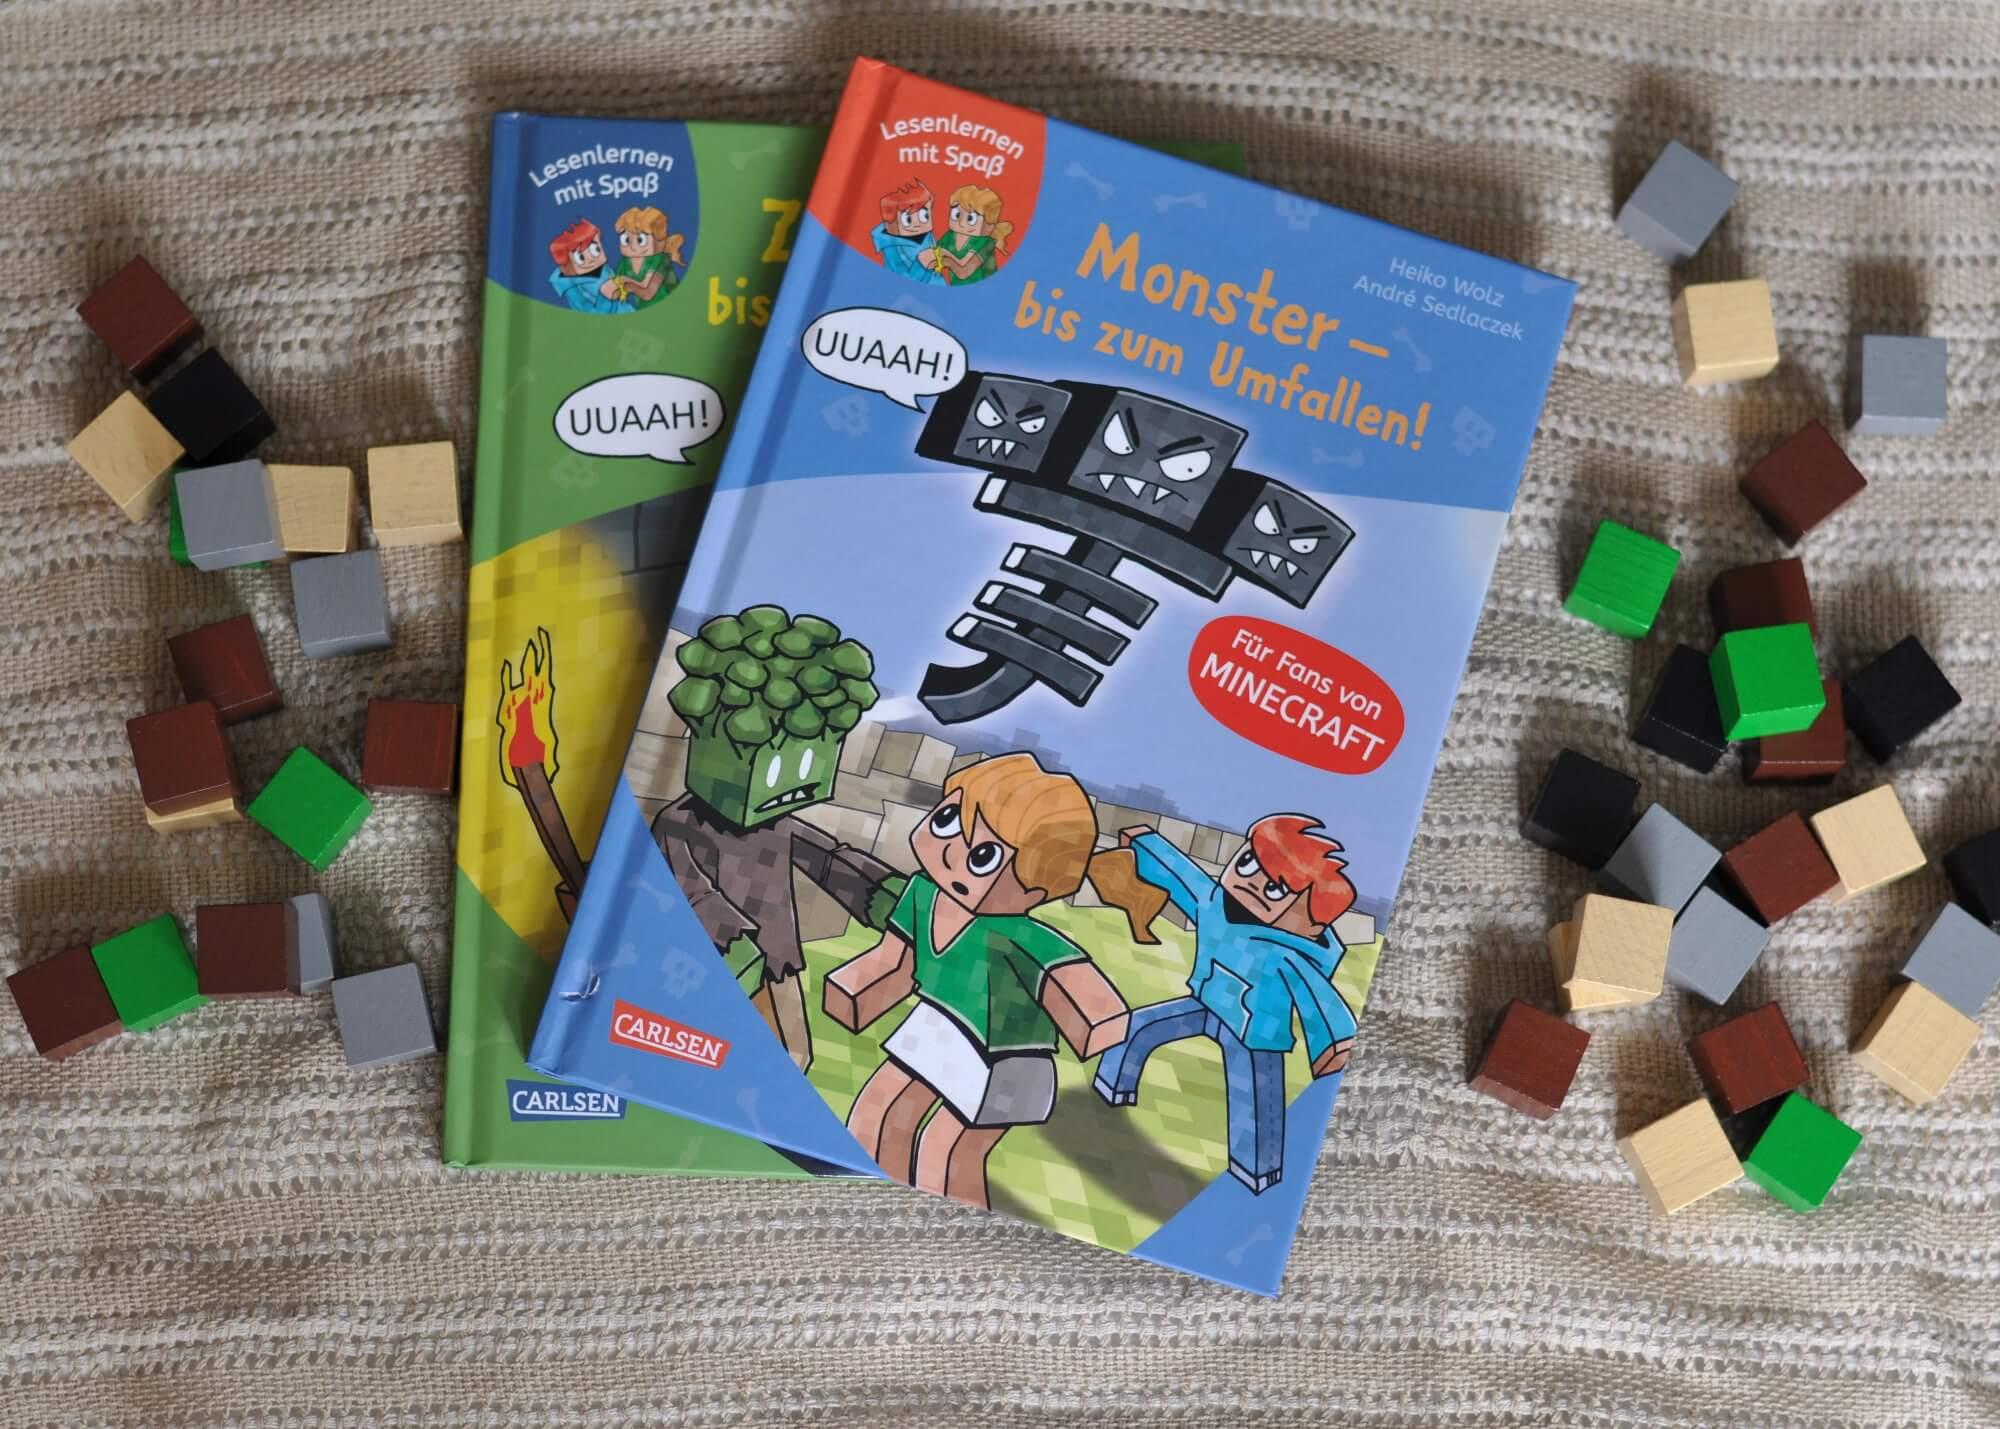 Endlich Minecraft-Bücher für jüngere Kids! Die Geschichten sind spannend, kommen aber mit kurzen Sätzen, einer großen Schrift und kurzen Kapiteln aus. Das Schriftbild ist locker gesetzt und mit großen Illustrationen versehen, so das die Lesestrecke gut überschaubar ist. #kinderbuch #lesen #lernen #minecraft #leseanfänger #erstleser #buch